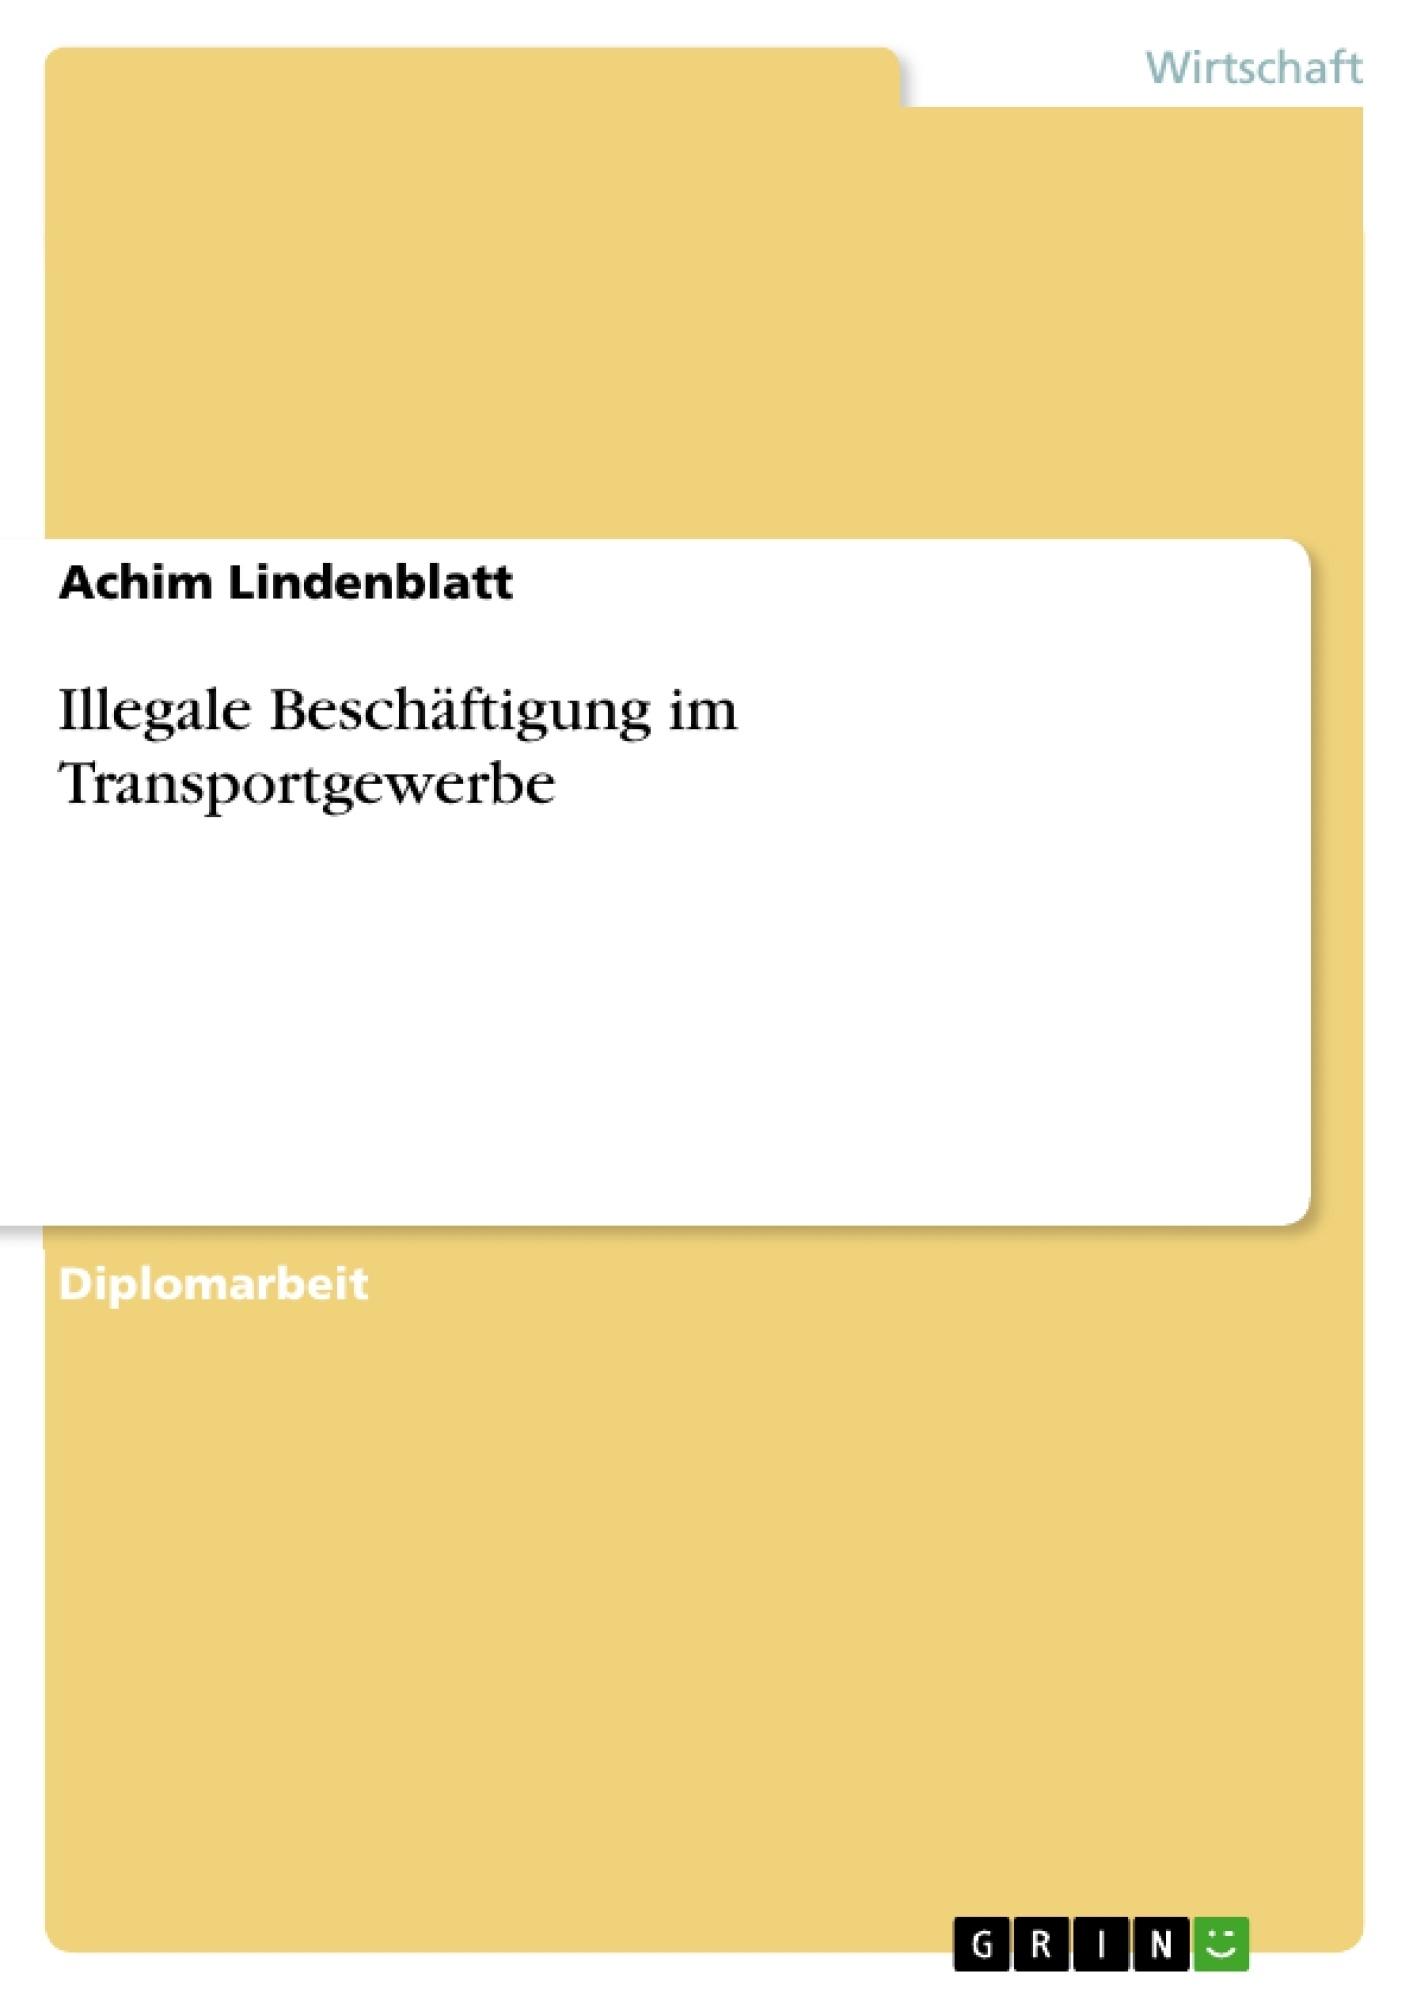 Illegale Beschäftigung im Transportgewerbe | Masterarbeit ...